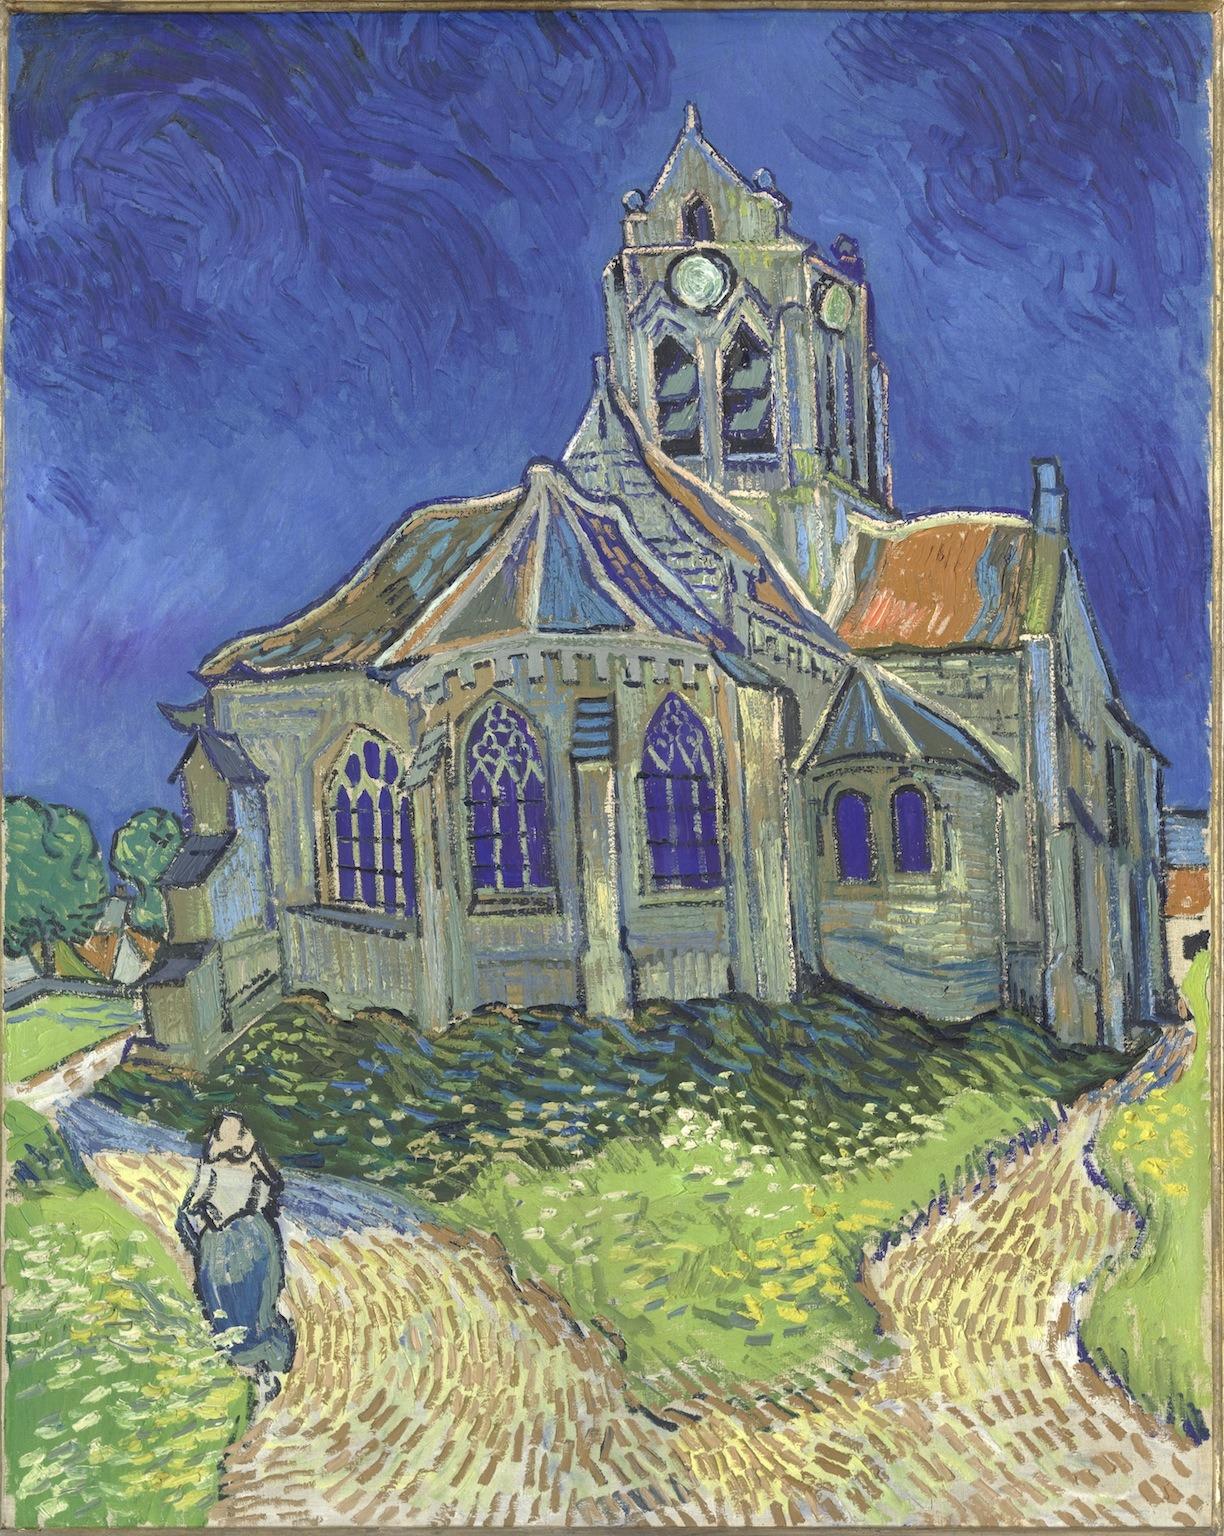 Musée d'Orsay • L'Eglise d'Auvers-sur-Oise